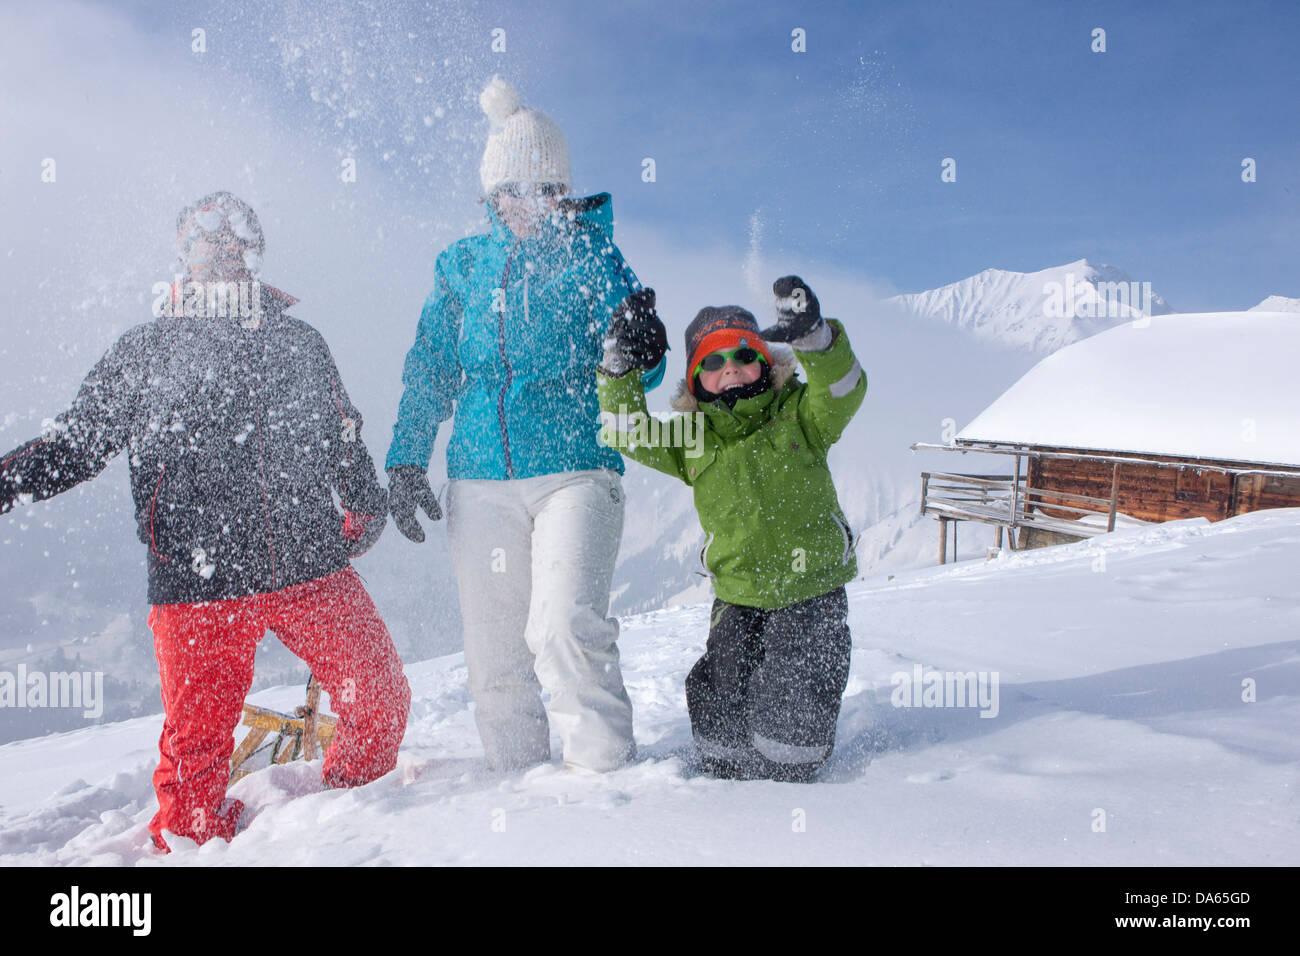 Famiglia, passeggiata invernale, a piedi, Adelboden, famiglia, bambini, bambini, turismo, vacanze inverno sport Immagini Stock